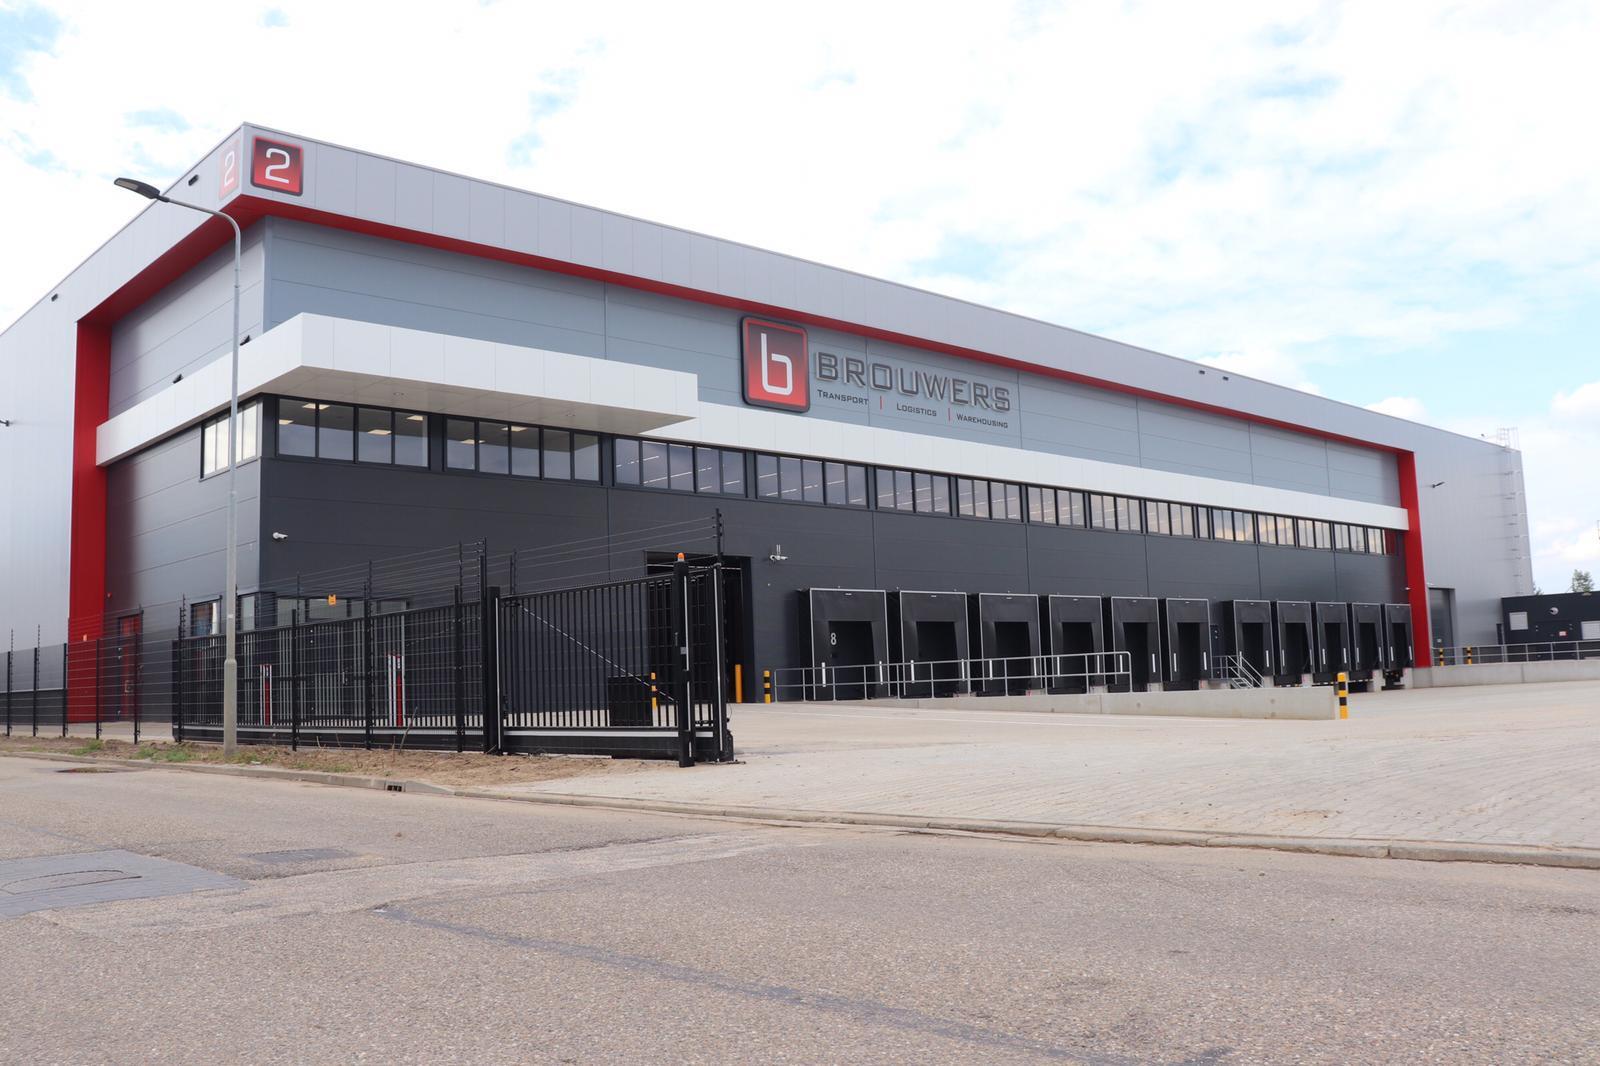 VDG levert tweede logistiek centrum van 11.000 m2 op voor Brouwers in 's-Hertogenbosch